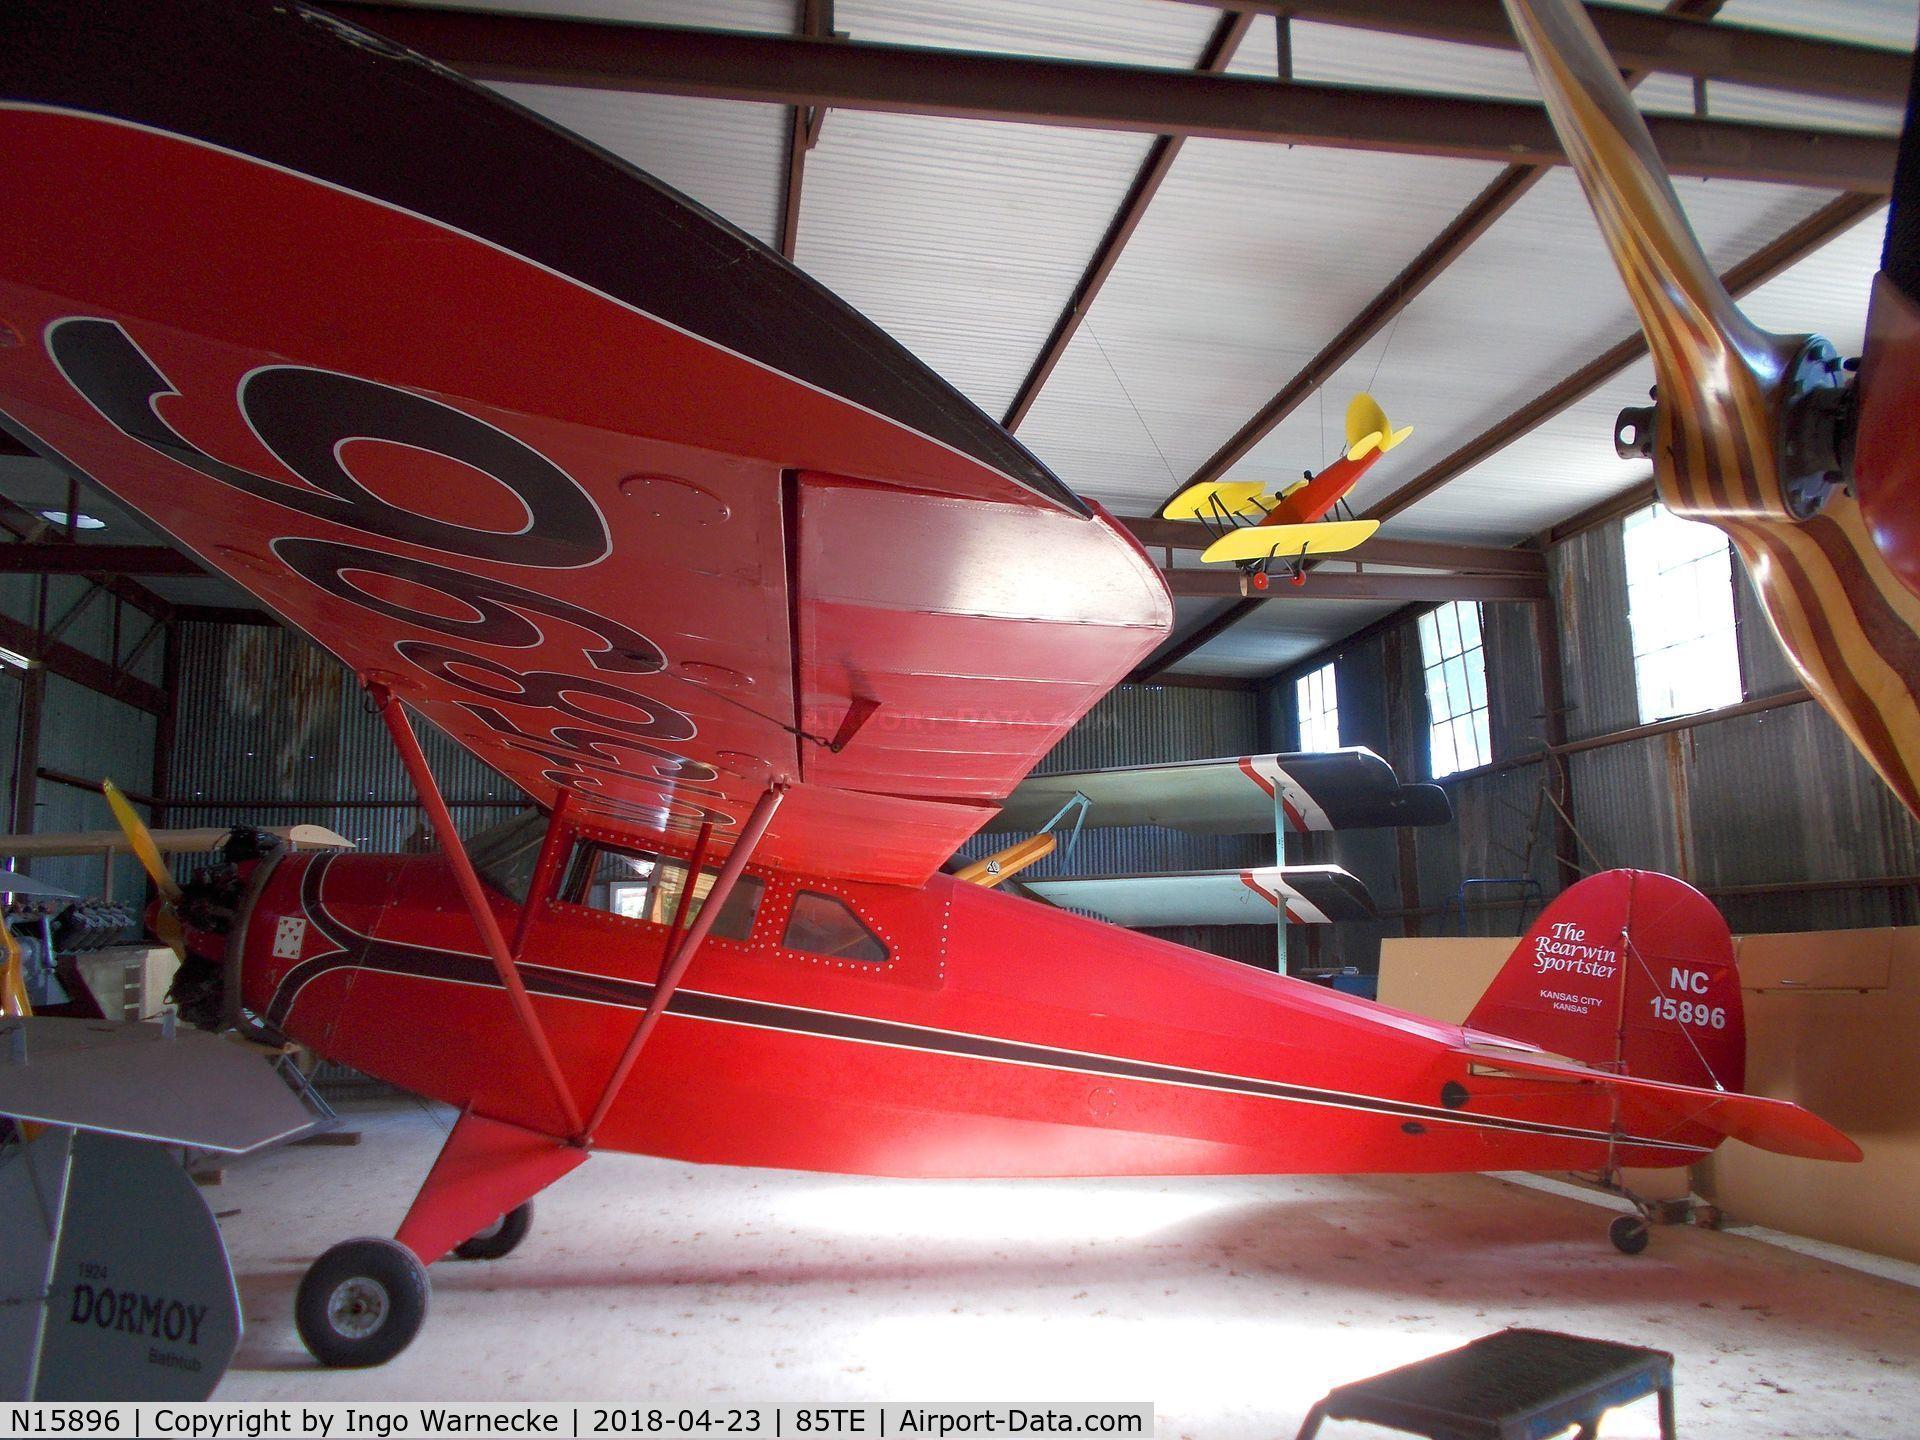 N15896, 1936 Rearwin 7000 C/N 477, Rearwin 7000 Sportster at the Pioneer Flight Museum, Kingsbury TX